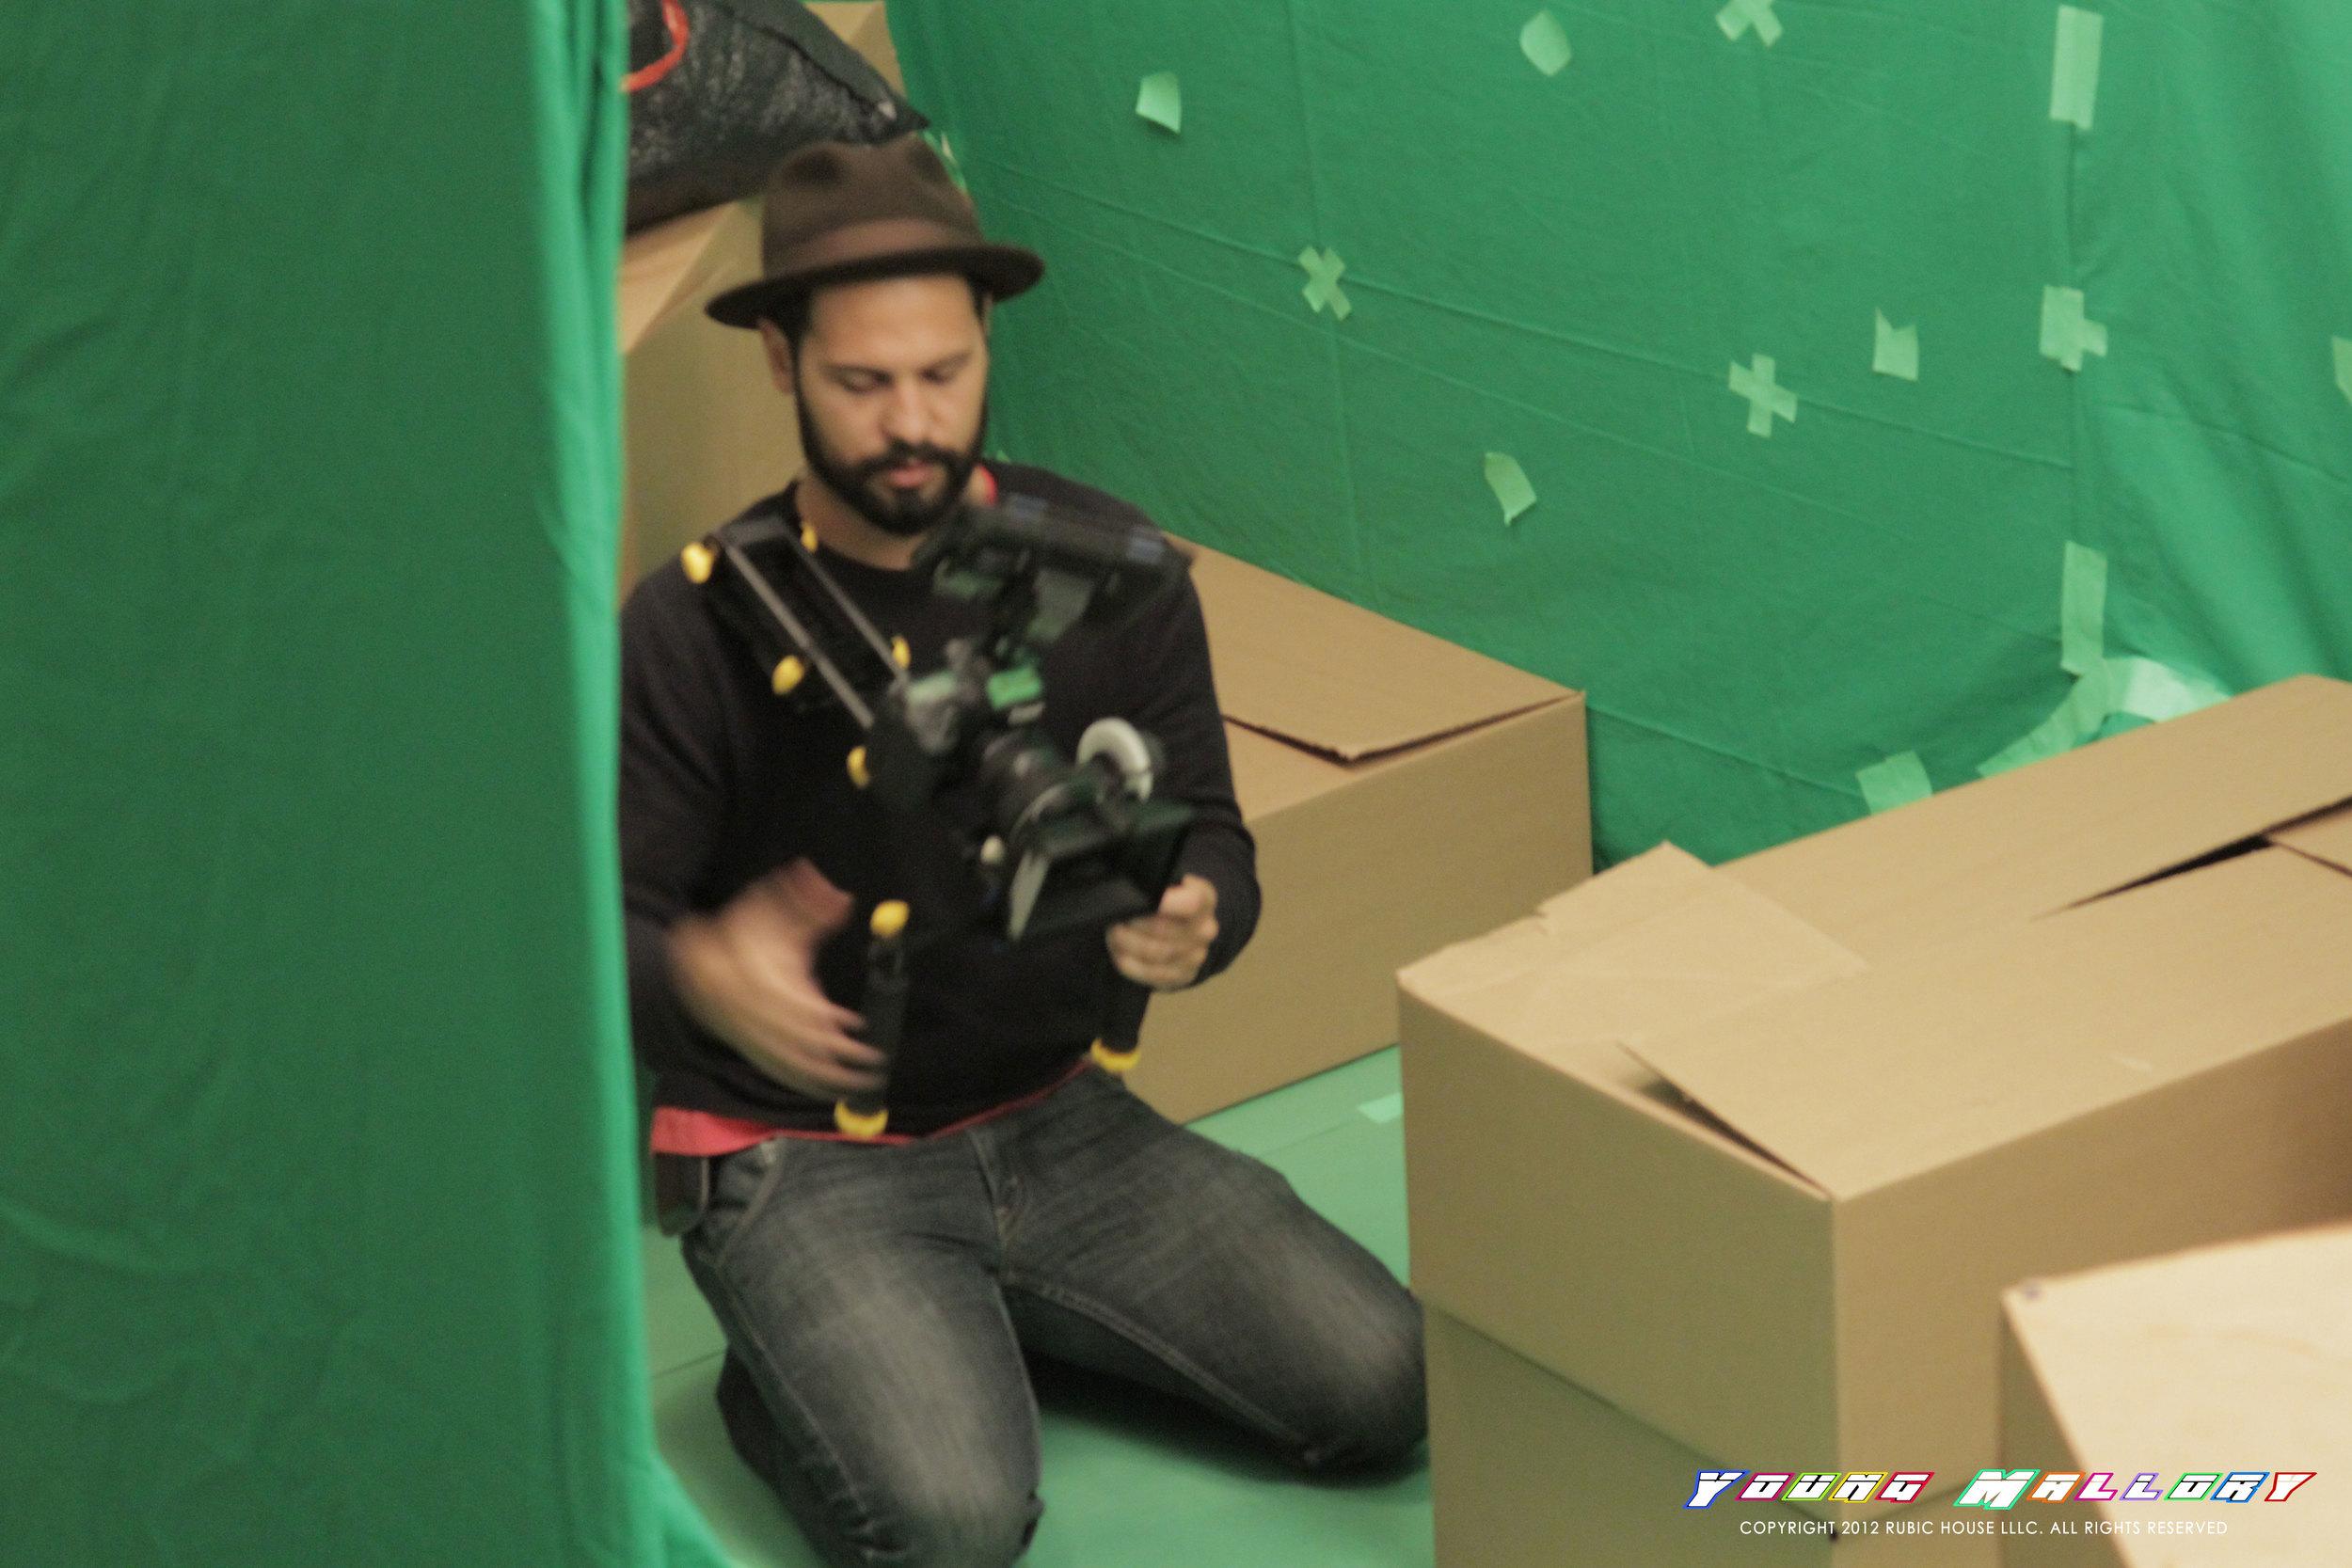 behind-the-scenes-photo-10.jpg